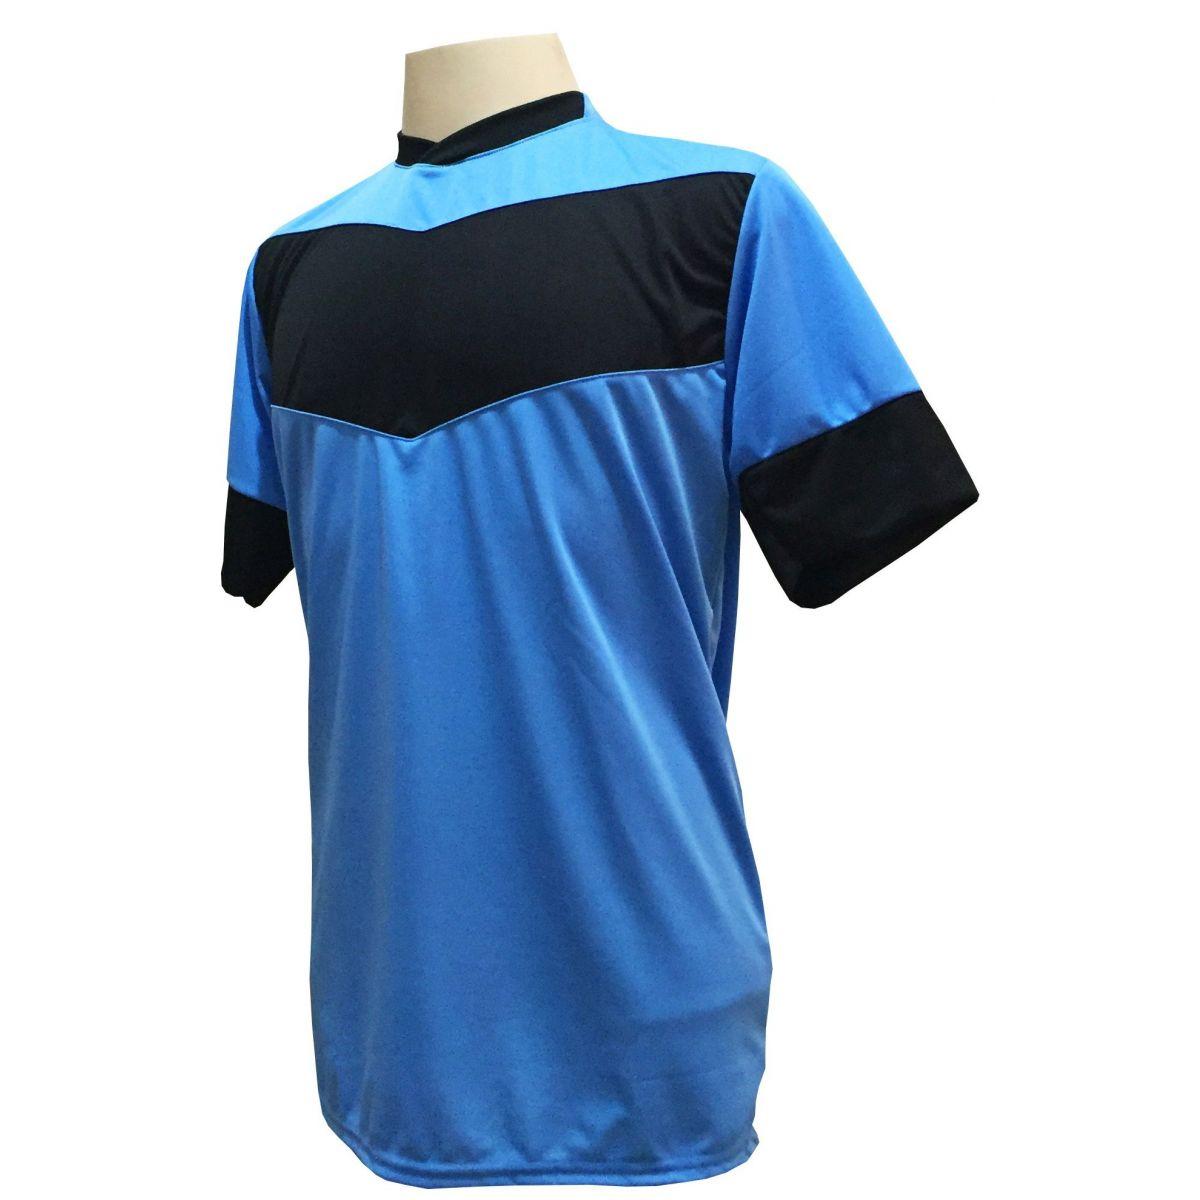 Jogo de Camisa com 18 unidades modelo Columbus Celeste/Preto + Brindes